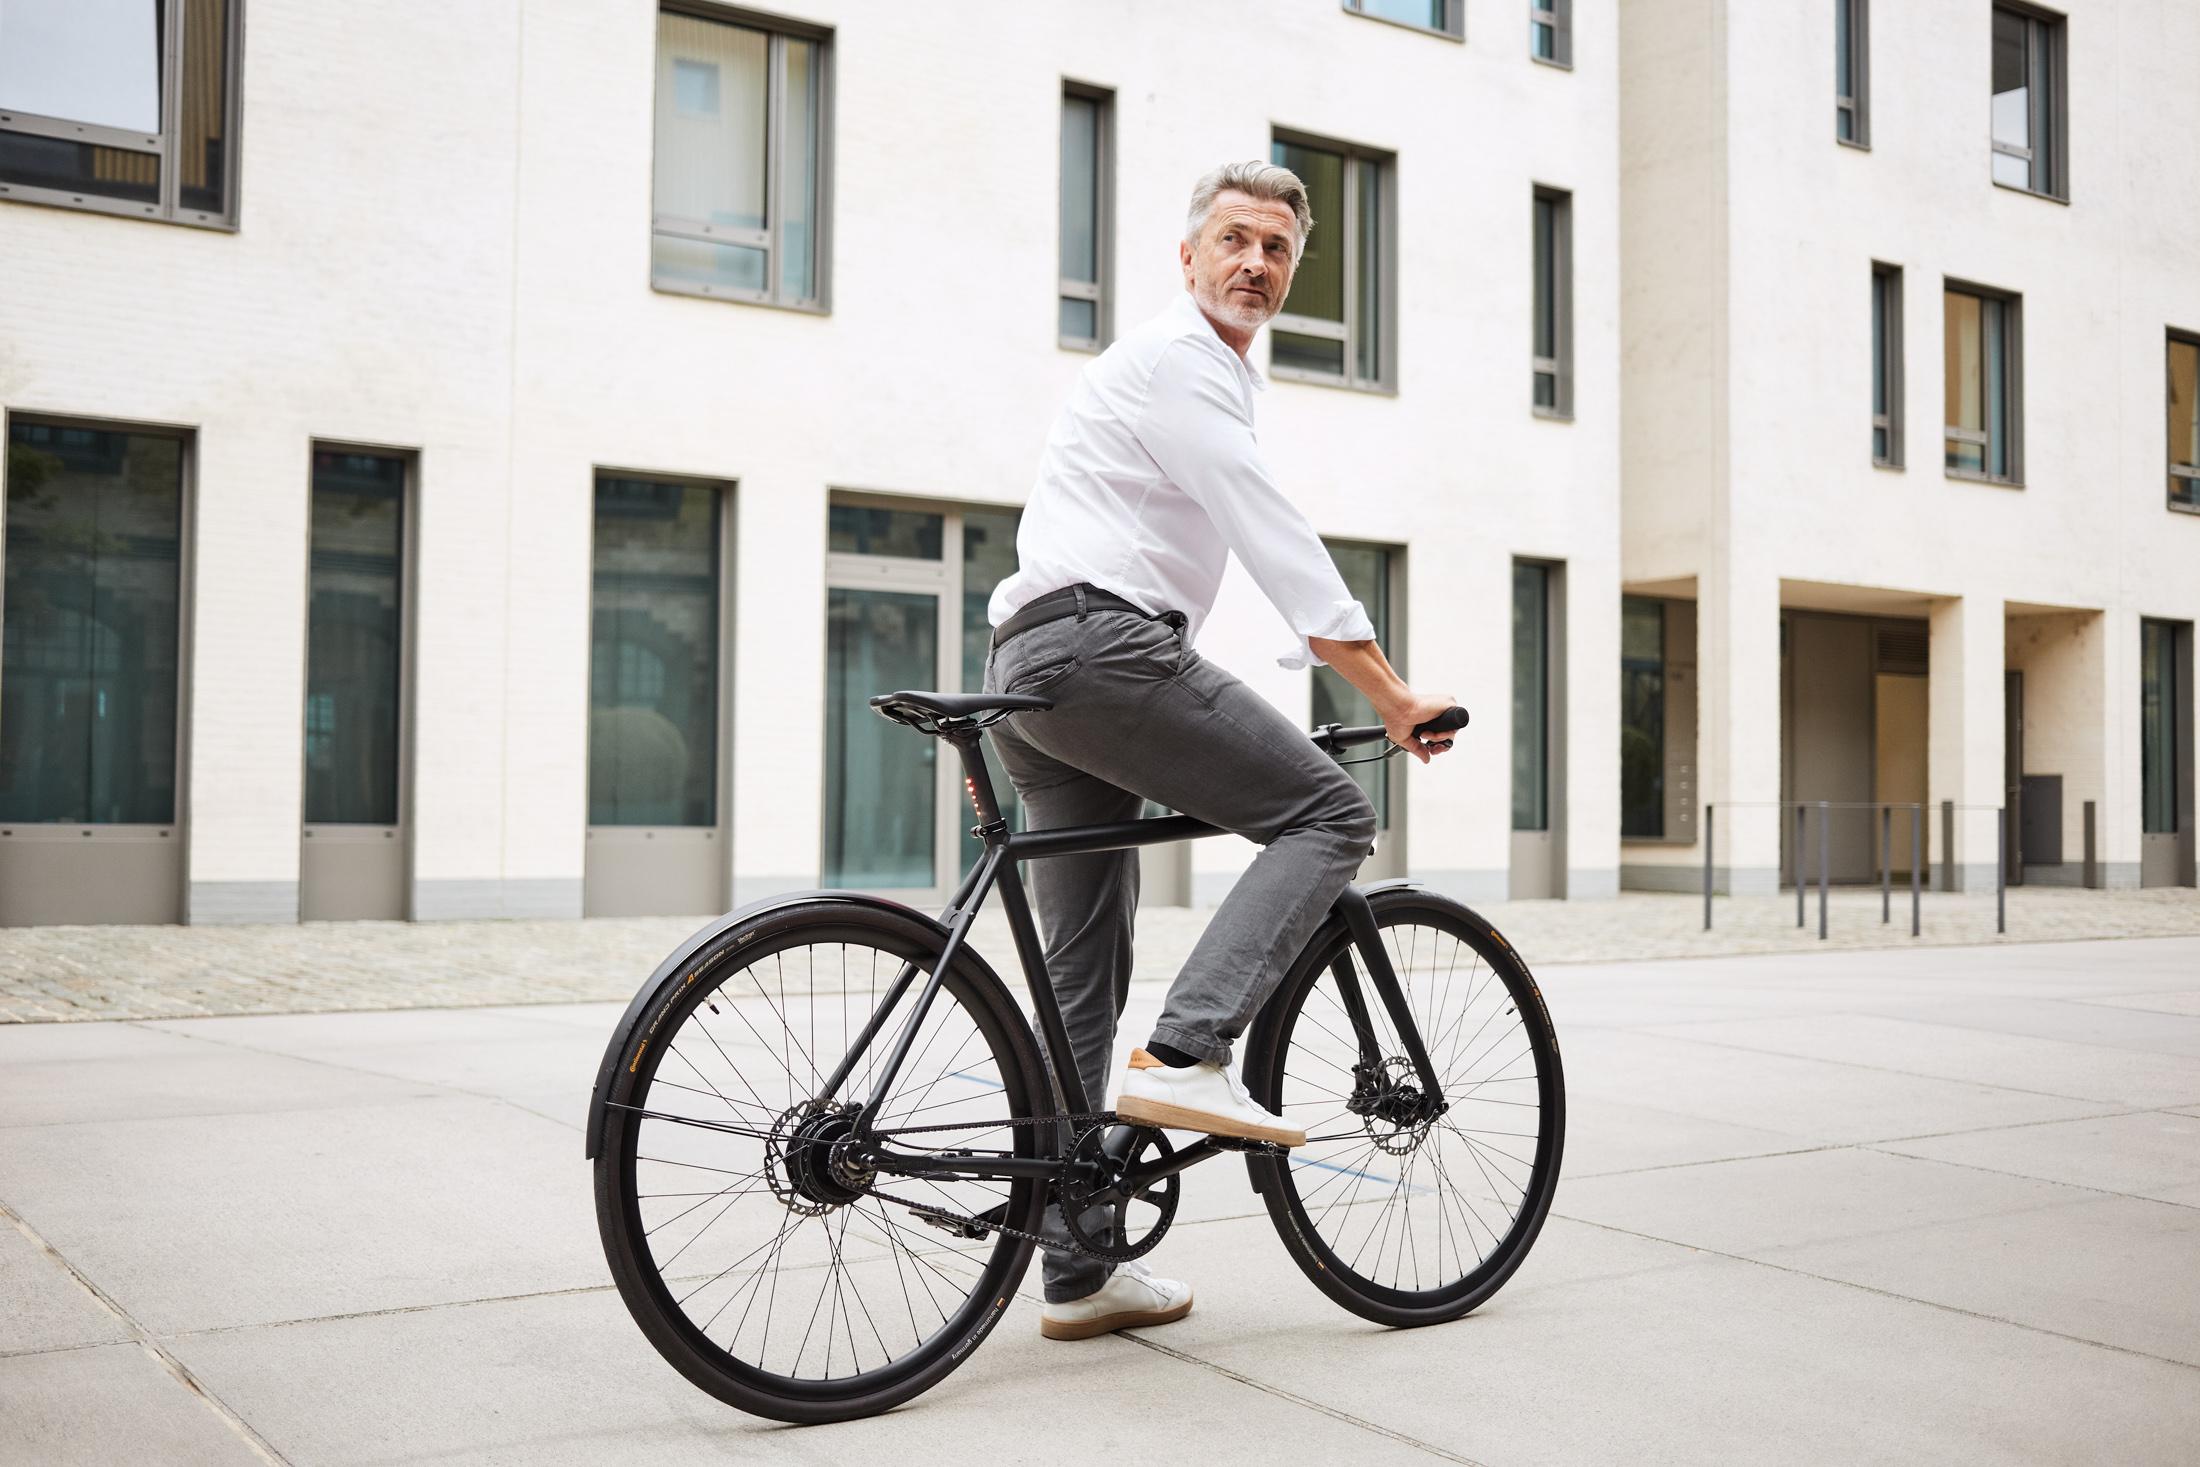 Ampler_Bikes_Oliver_Manager_Sideshots_11-2.jpg